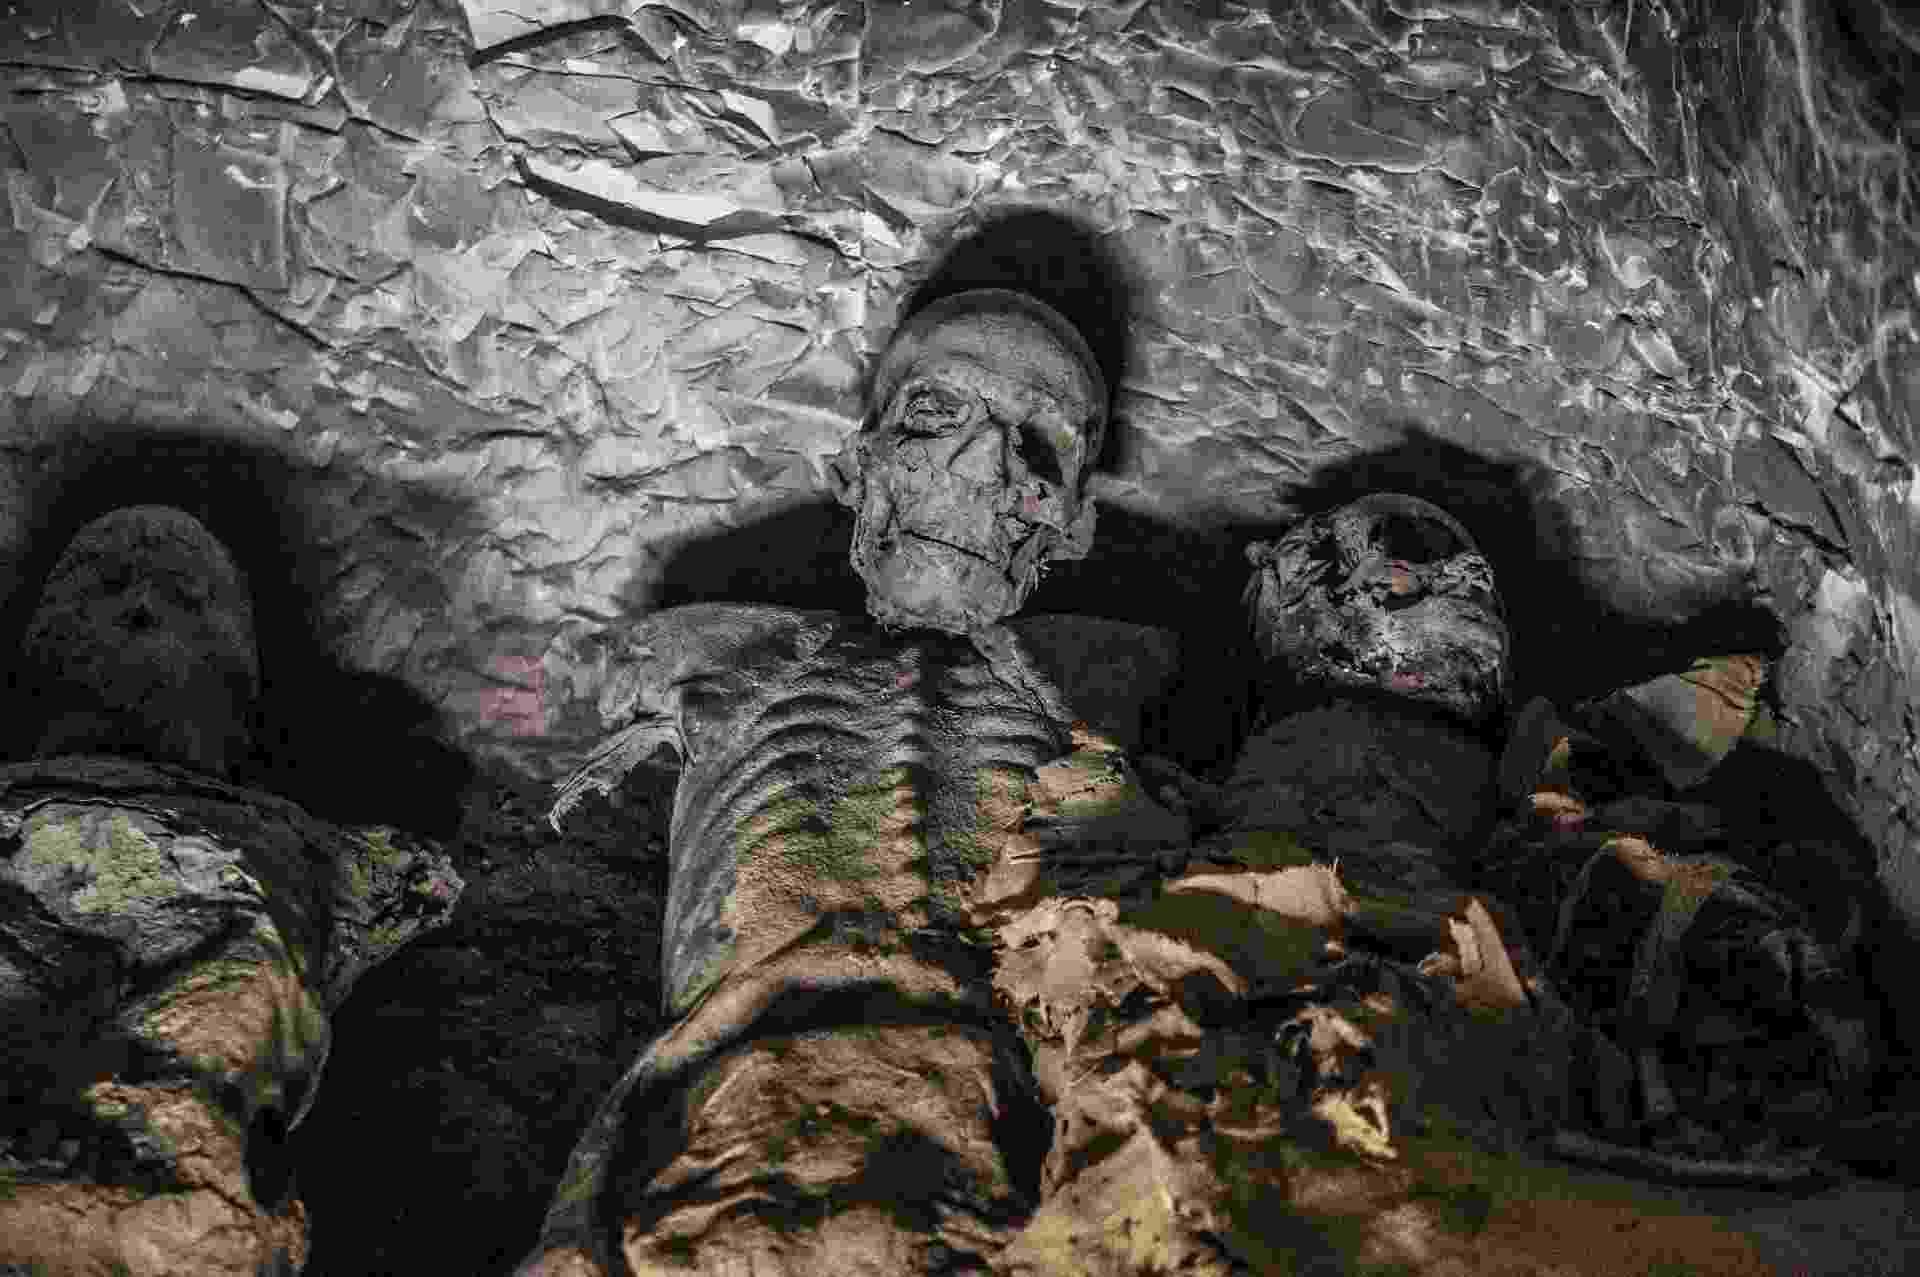 24.nov.2018 - Dentre os objetos encontrados durante as escavações estão um grupo de múmias achadas juntas no local do túmulo TT28. O sítio arqueológico onde elas foram encontradas fica na necrópole de al-Asassif, que fica na margem oeste do rio Nilo, ao norte da cidade de Luxor, no sul do Egito - Khaled Desouki /AFP